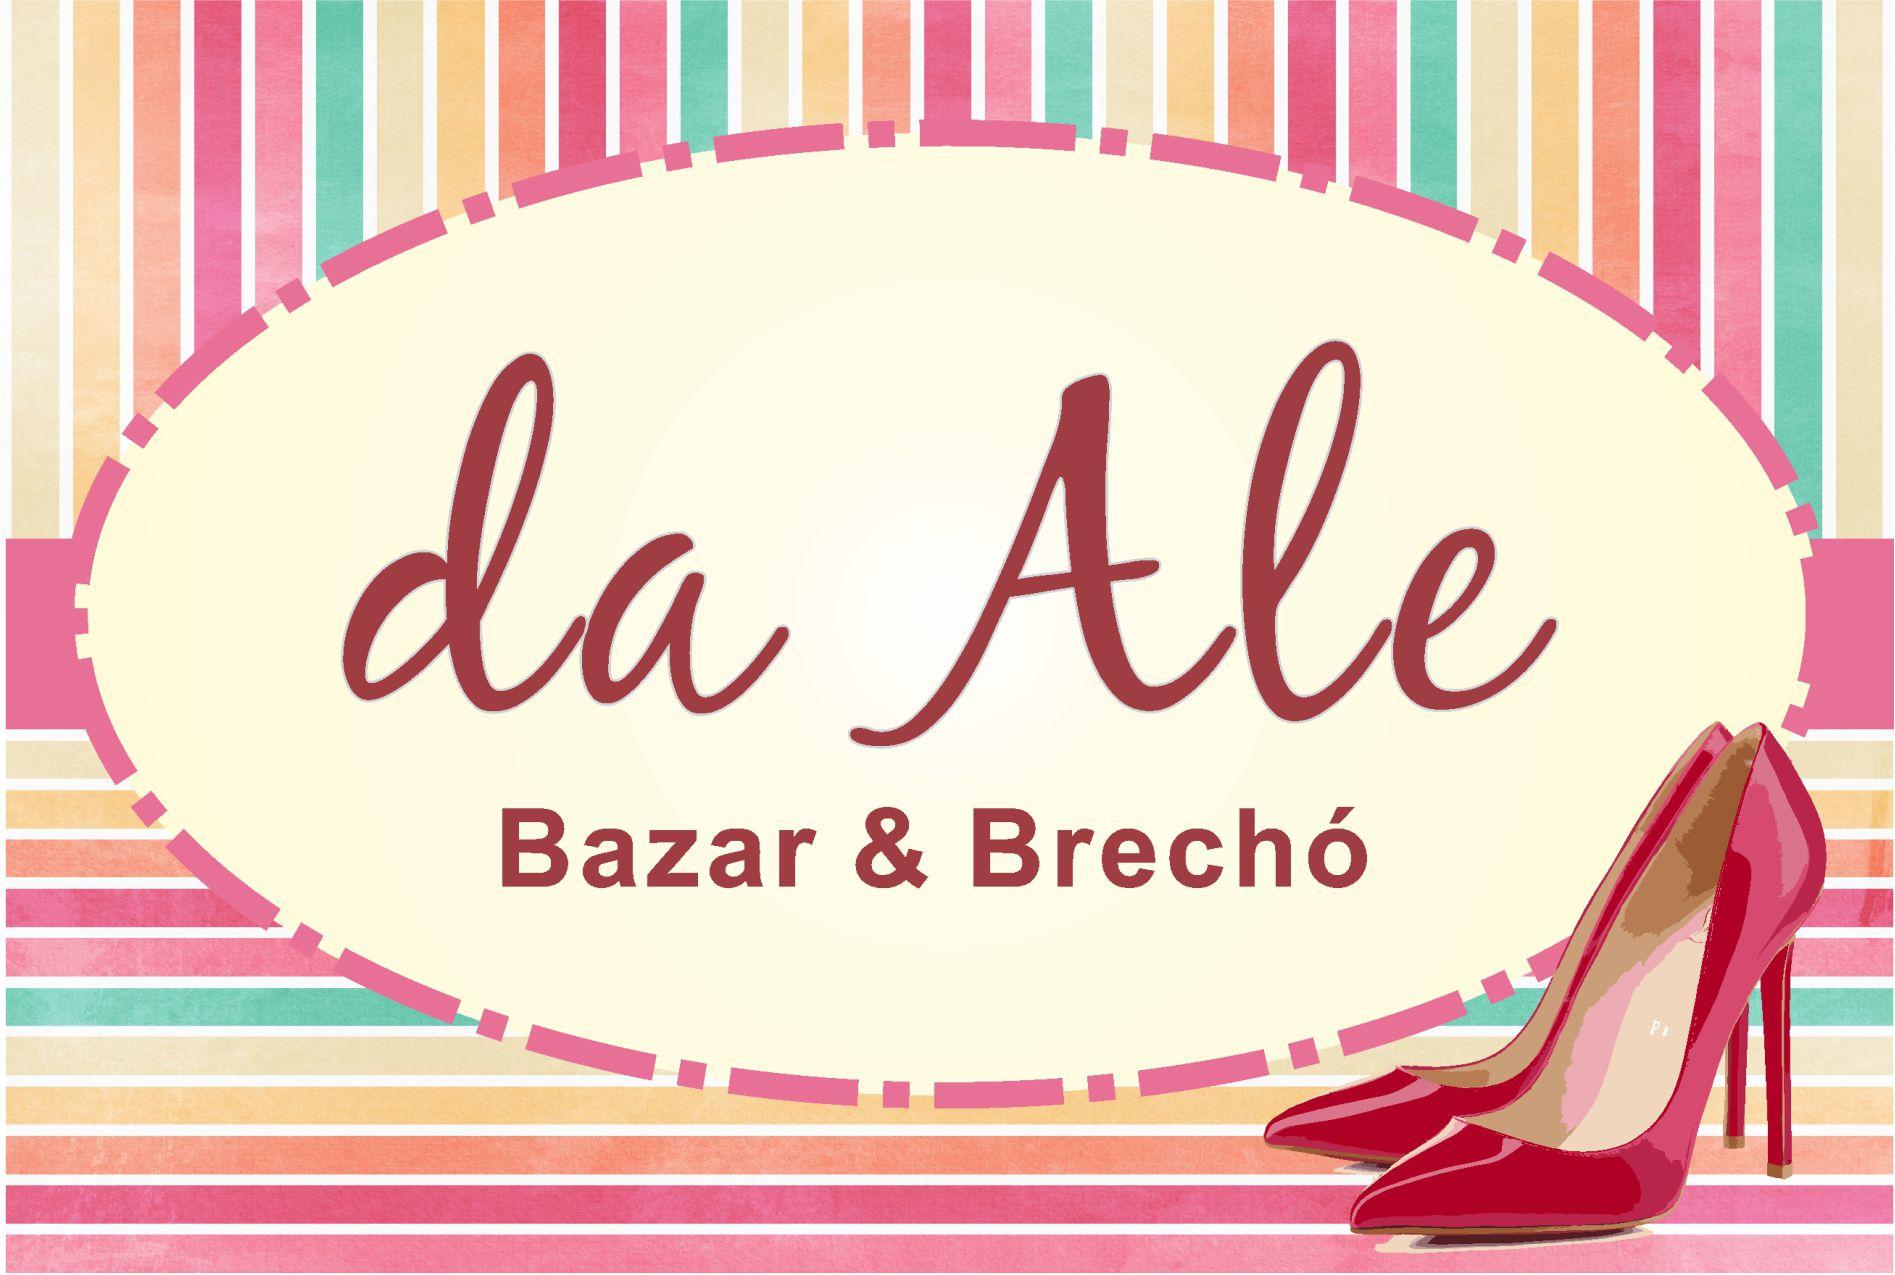 design-criacao-posts-midias-gerenciamento-administracao-redes-sociais-barra-barra-da-tijuca-rj-rio-de-janeiro-da-ale-bazar-brecho-bijuteria-moda